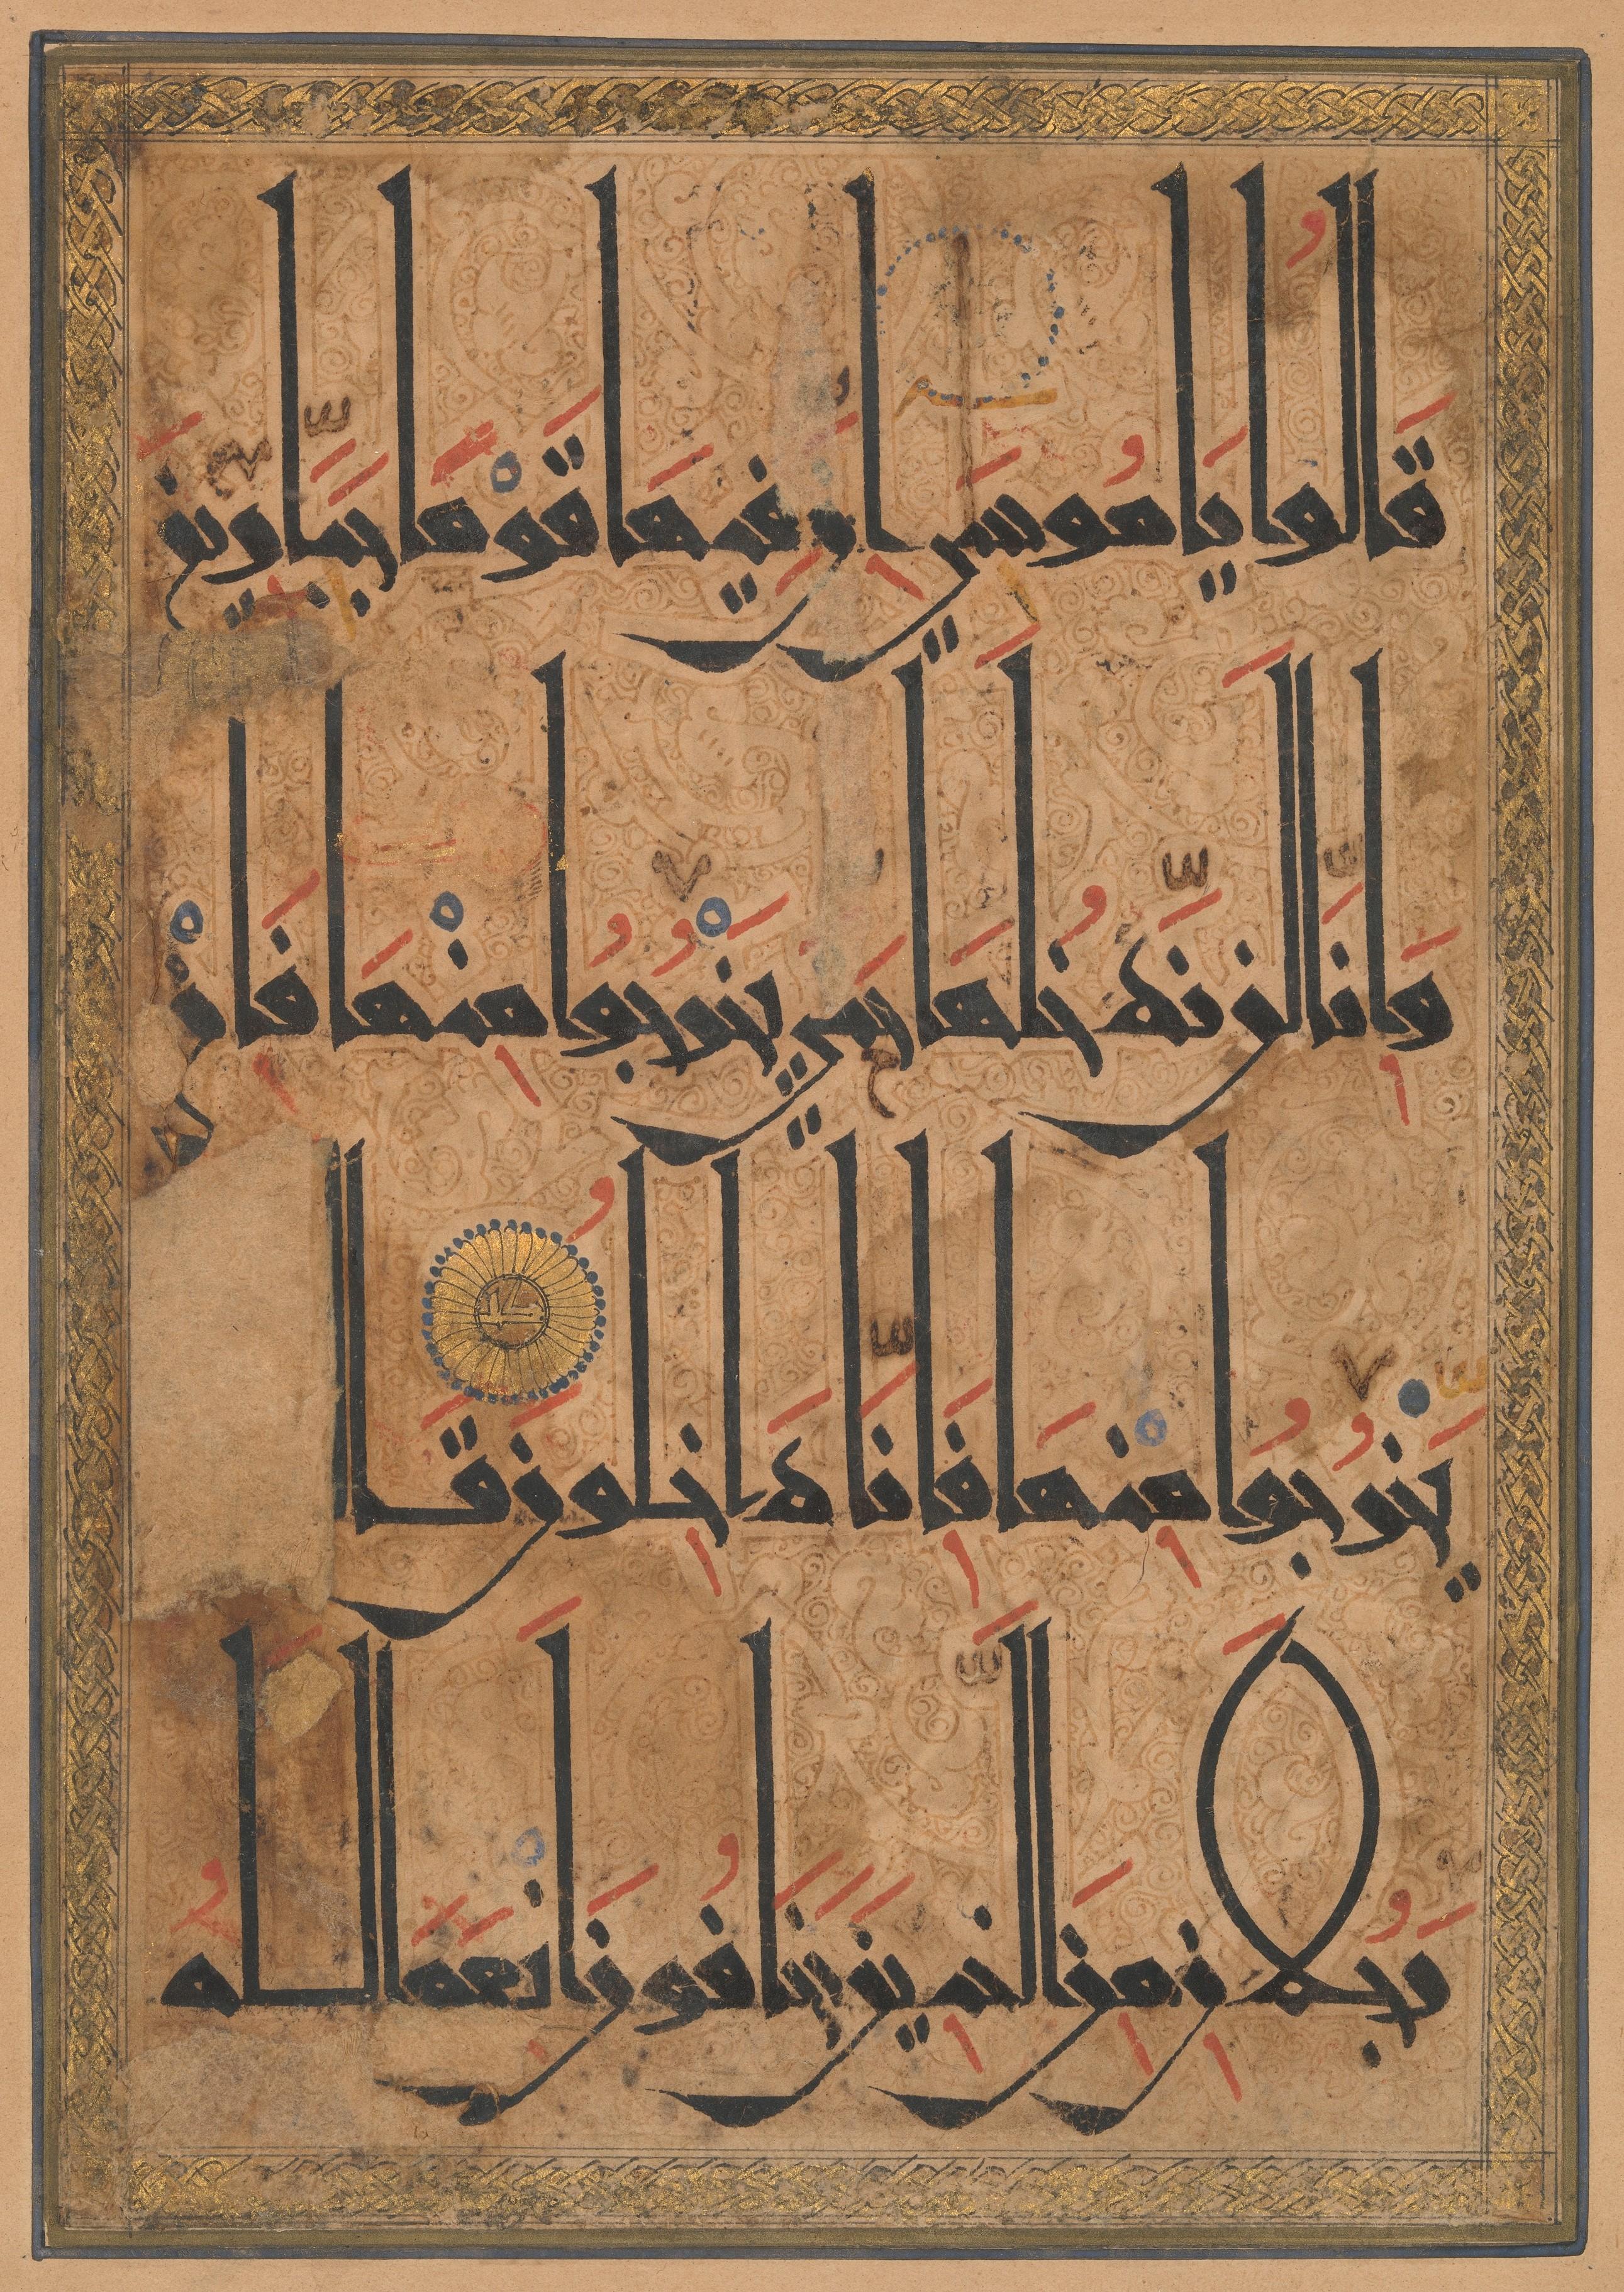 صفحة من القرأن بالخط الكوفي